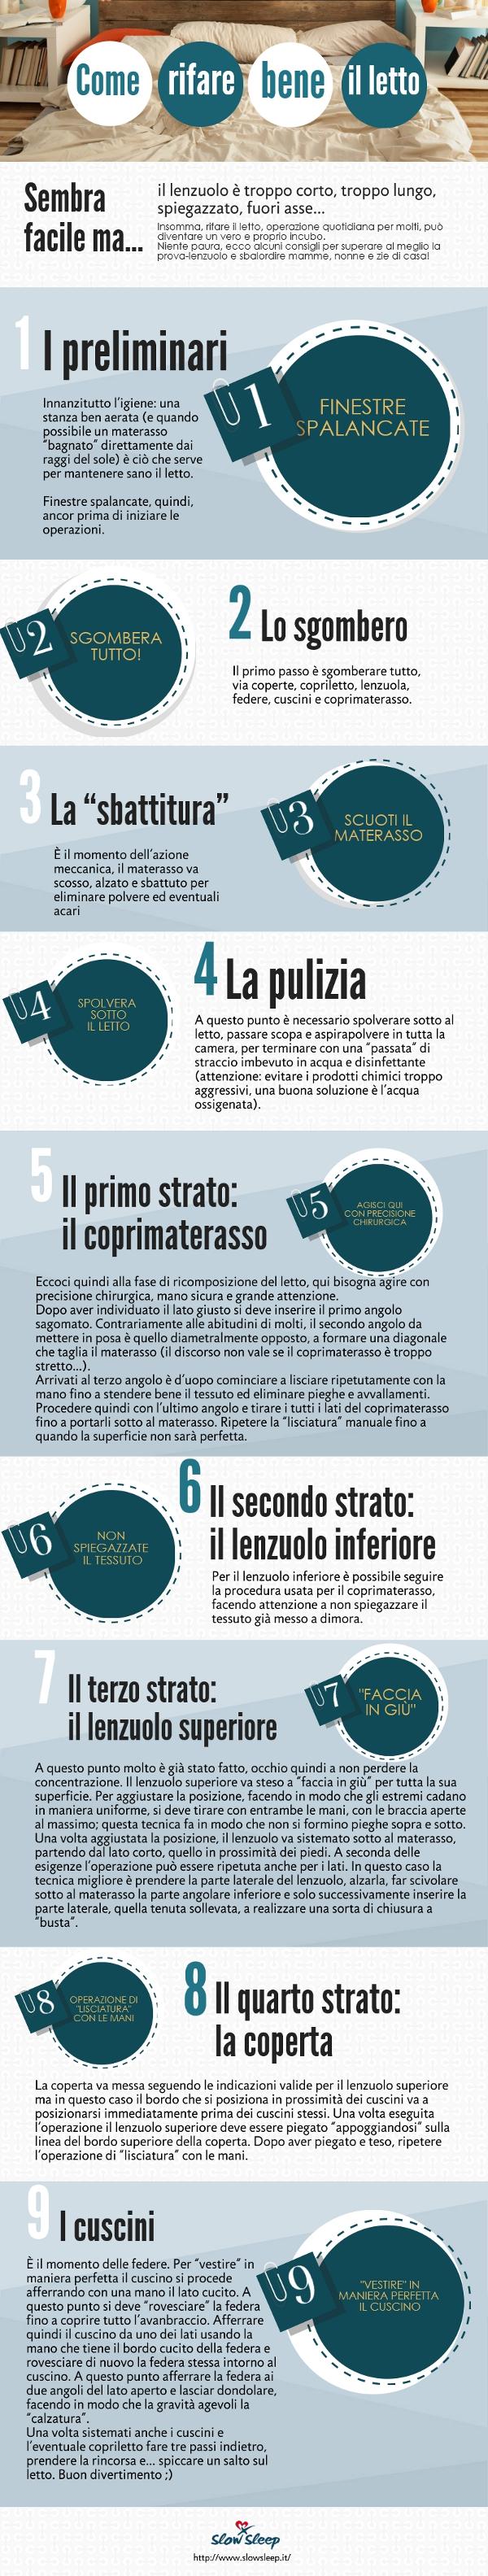 Come-rifare-bene-il-letto-infographic